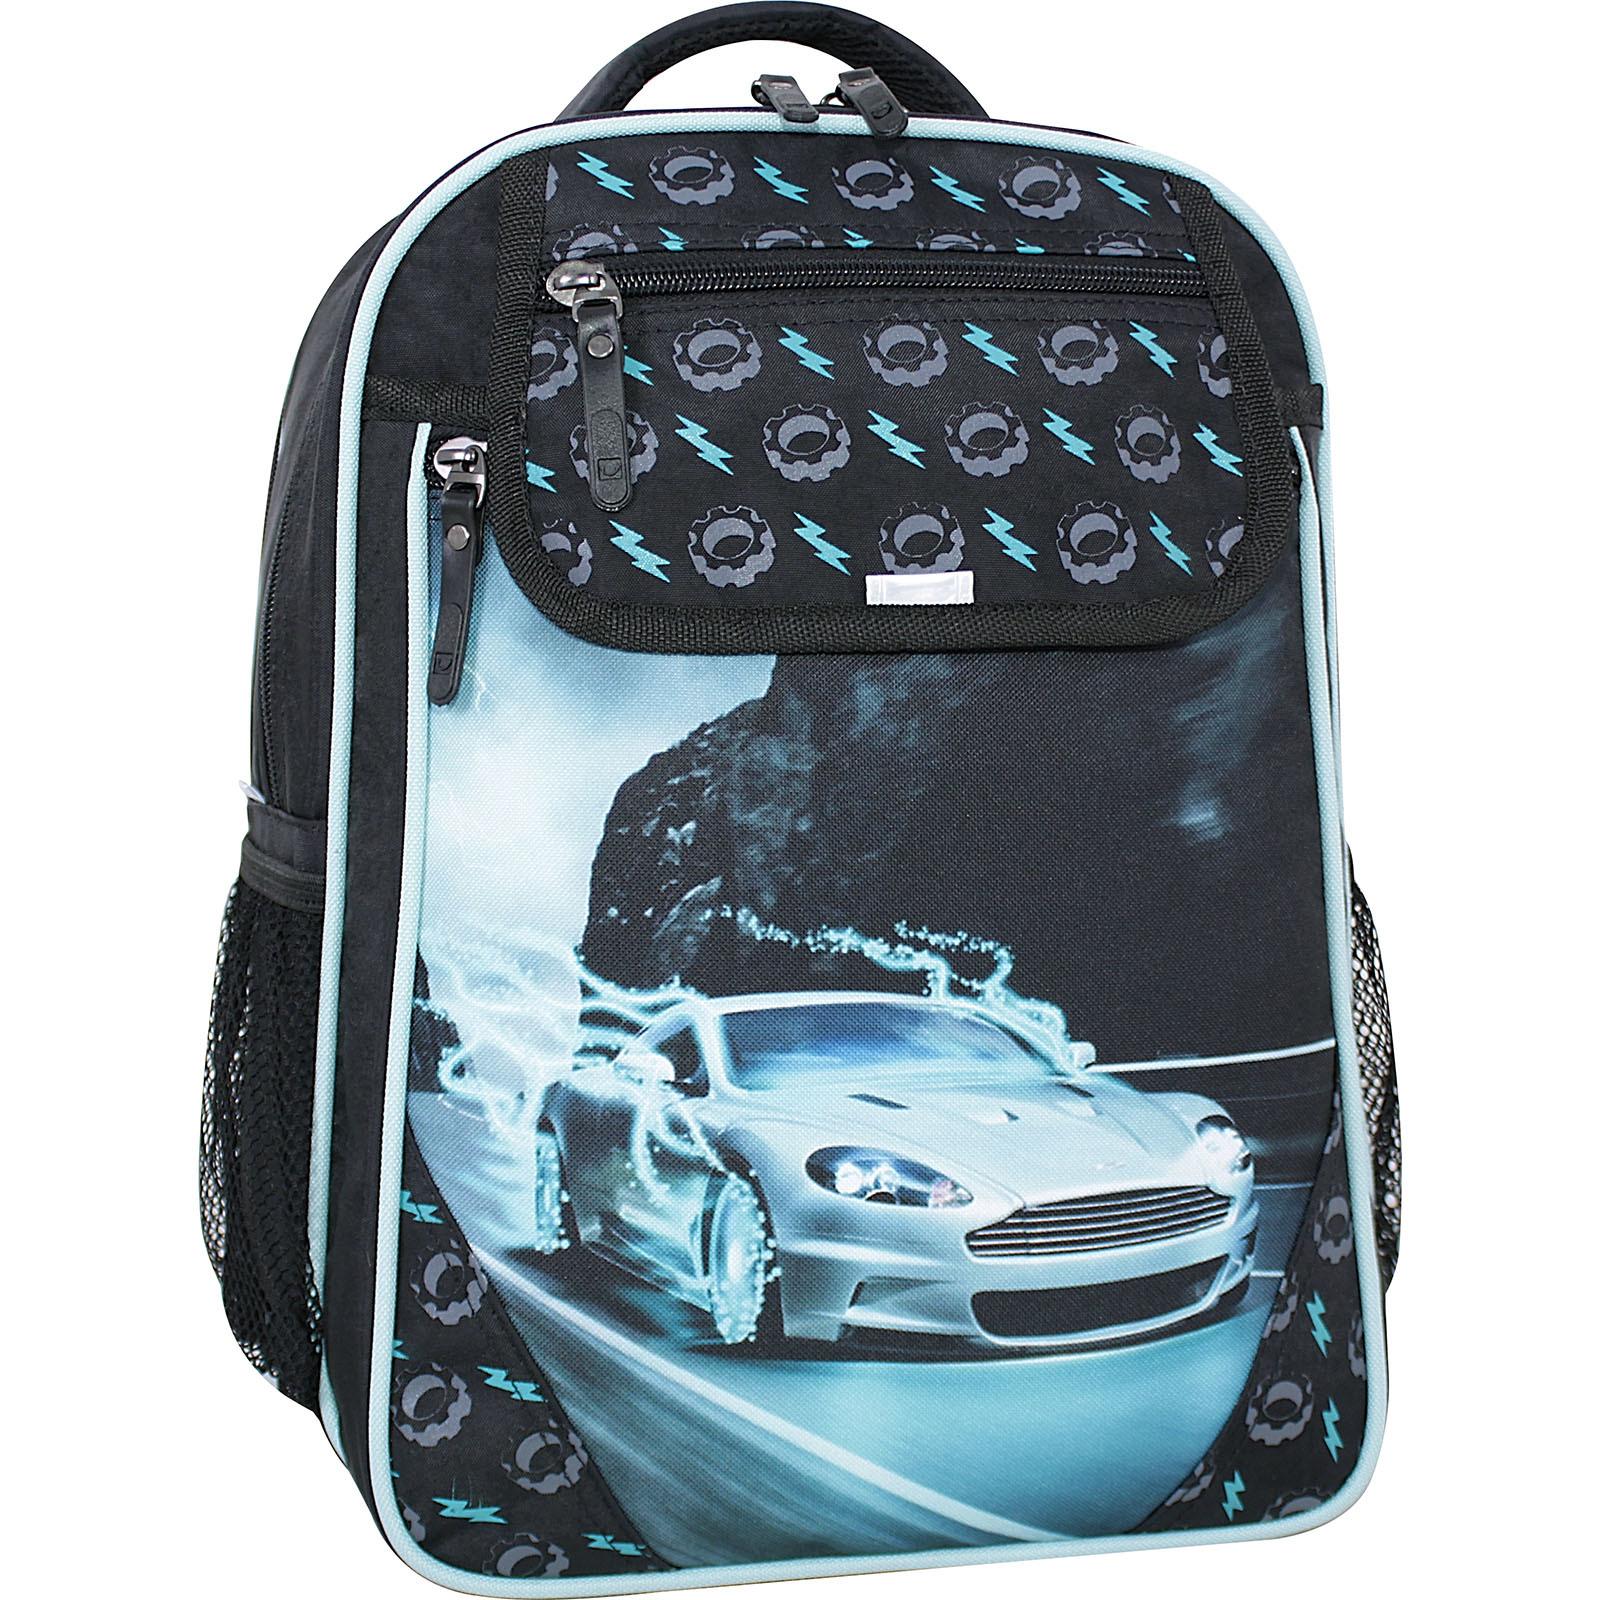 Школьные рюкзаки Рюкзак школьный Bagland Отличник 20 л. черный 558 (0058070) IMG_1242суб.558.JPG